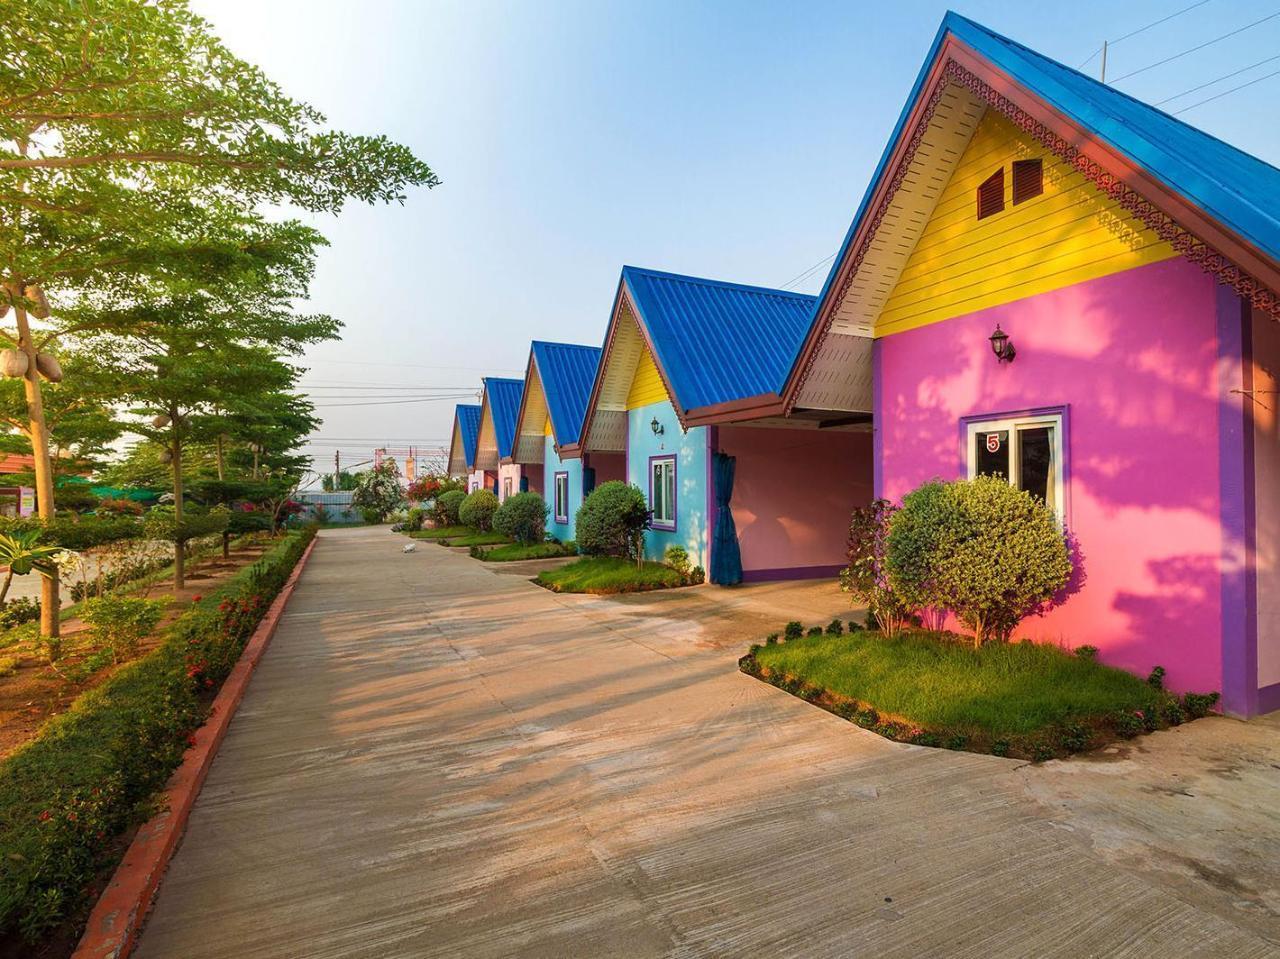 คุณหนวด การ์เดน รีสอร์ท (Kunnuad Garden Resort)